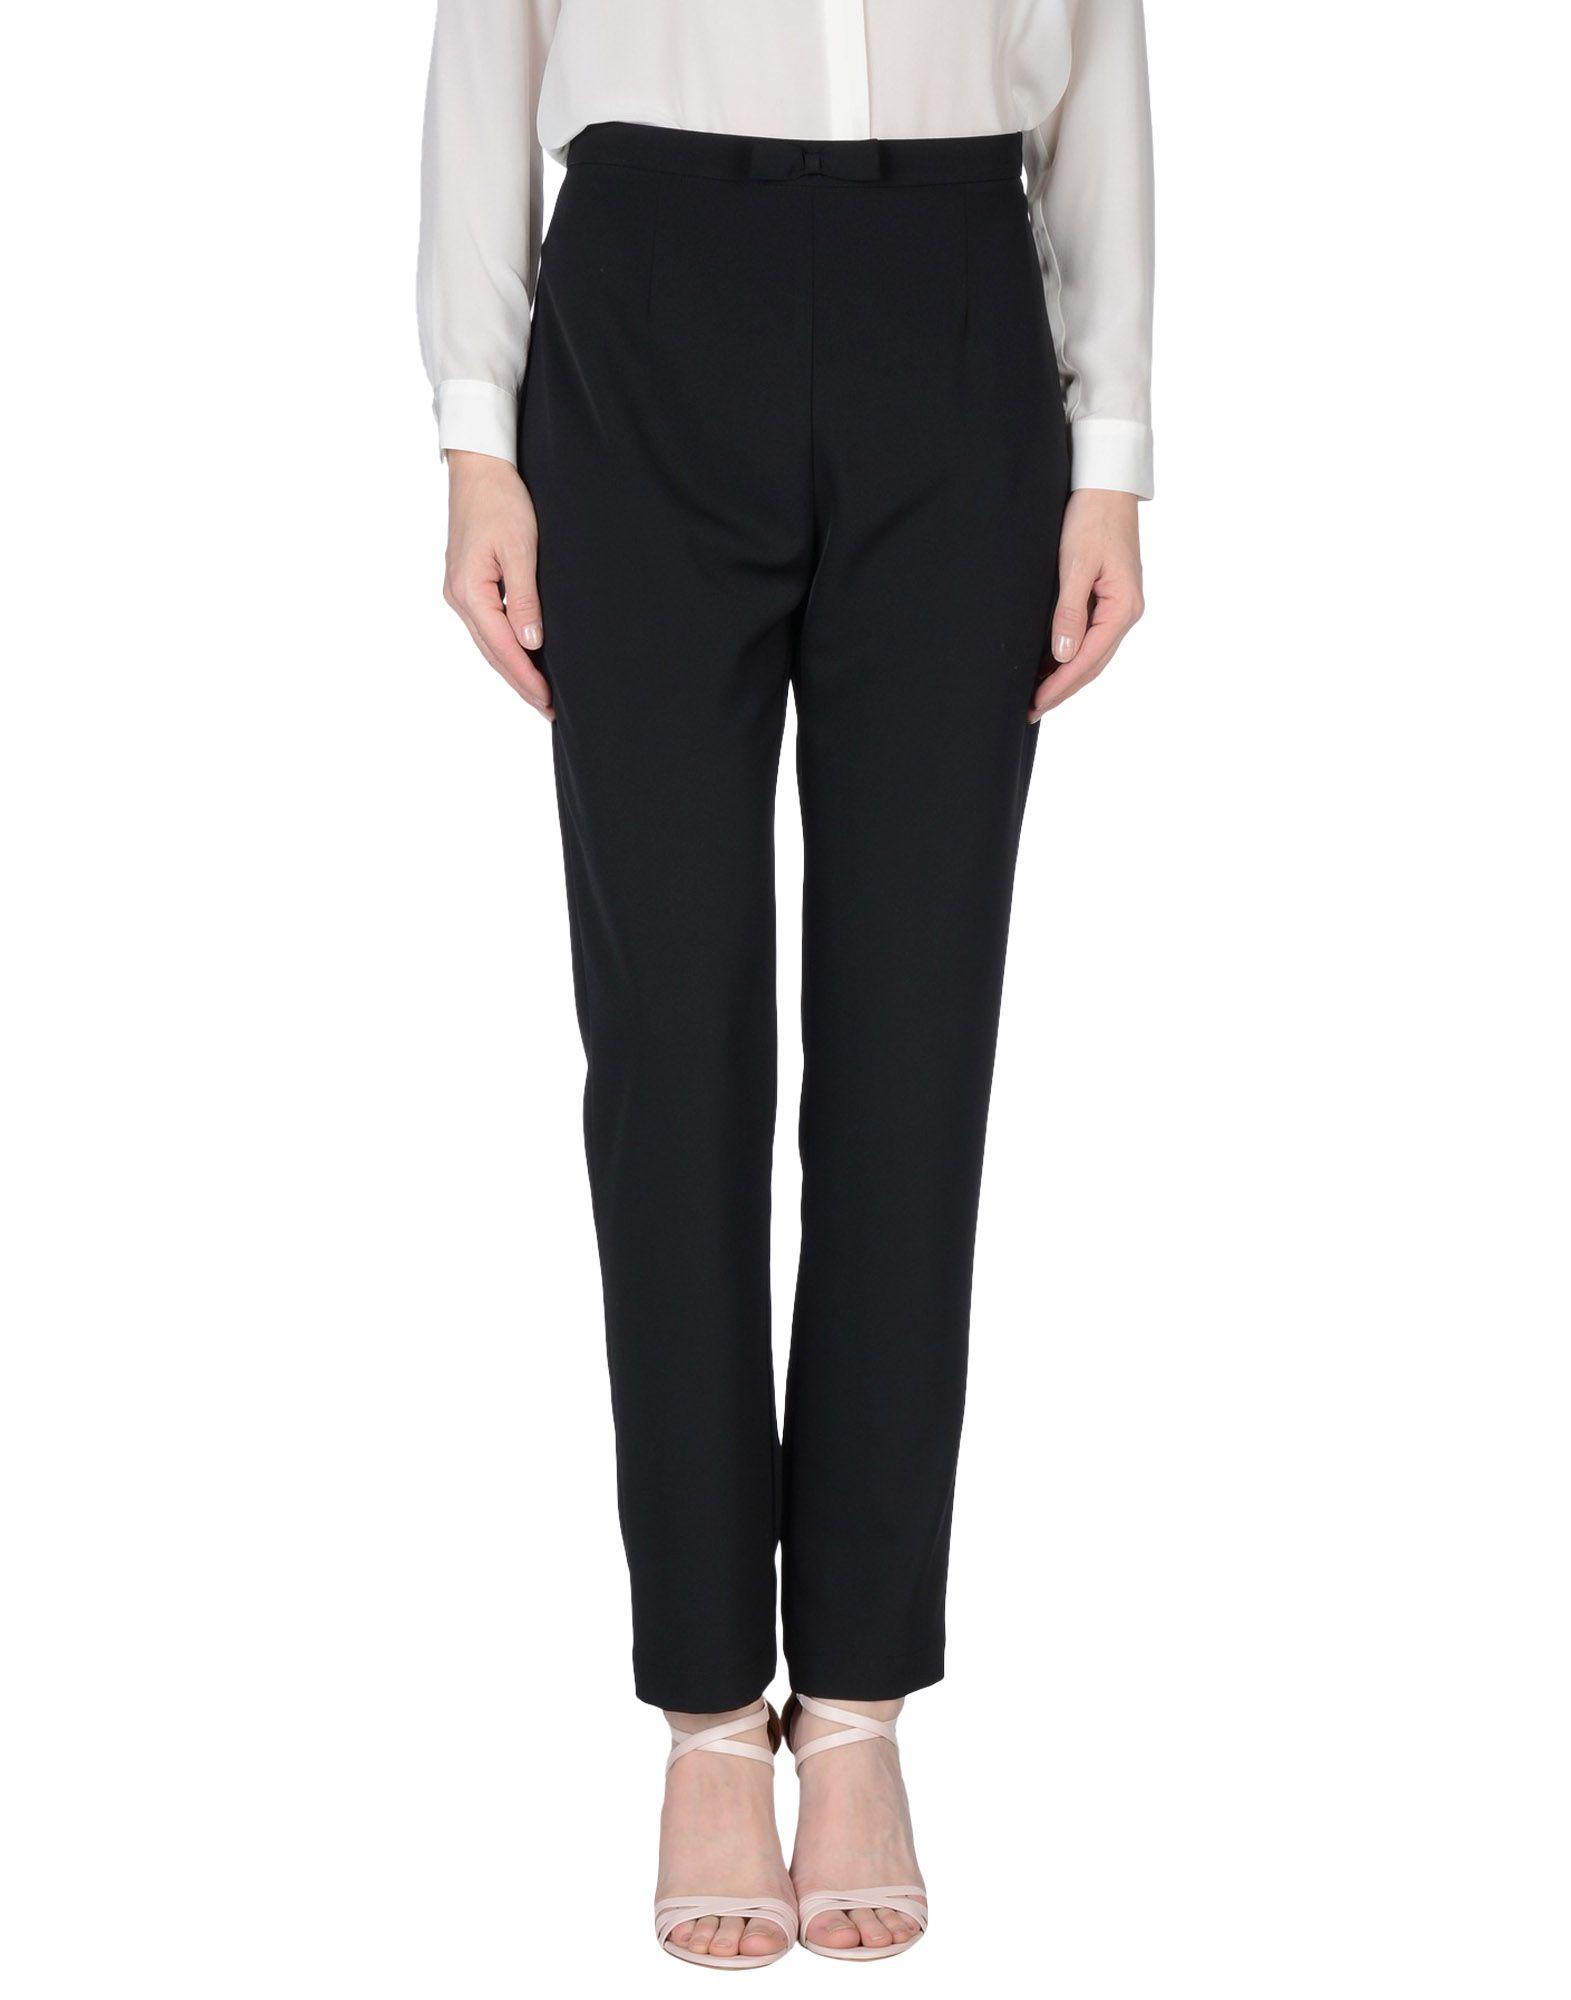 LES BLANC Повседневные брюки poivre blanc брюки мембранные w16 0922 jrby на лямках черный